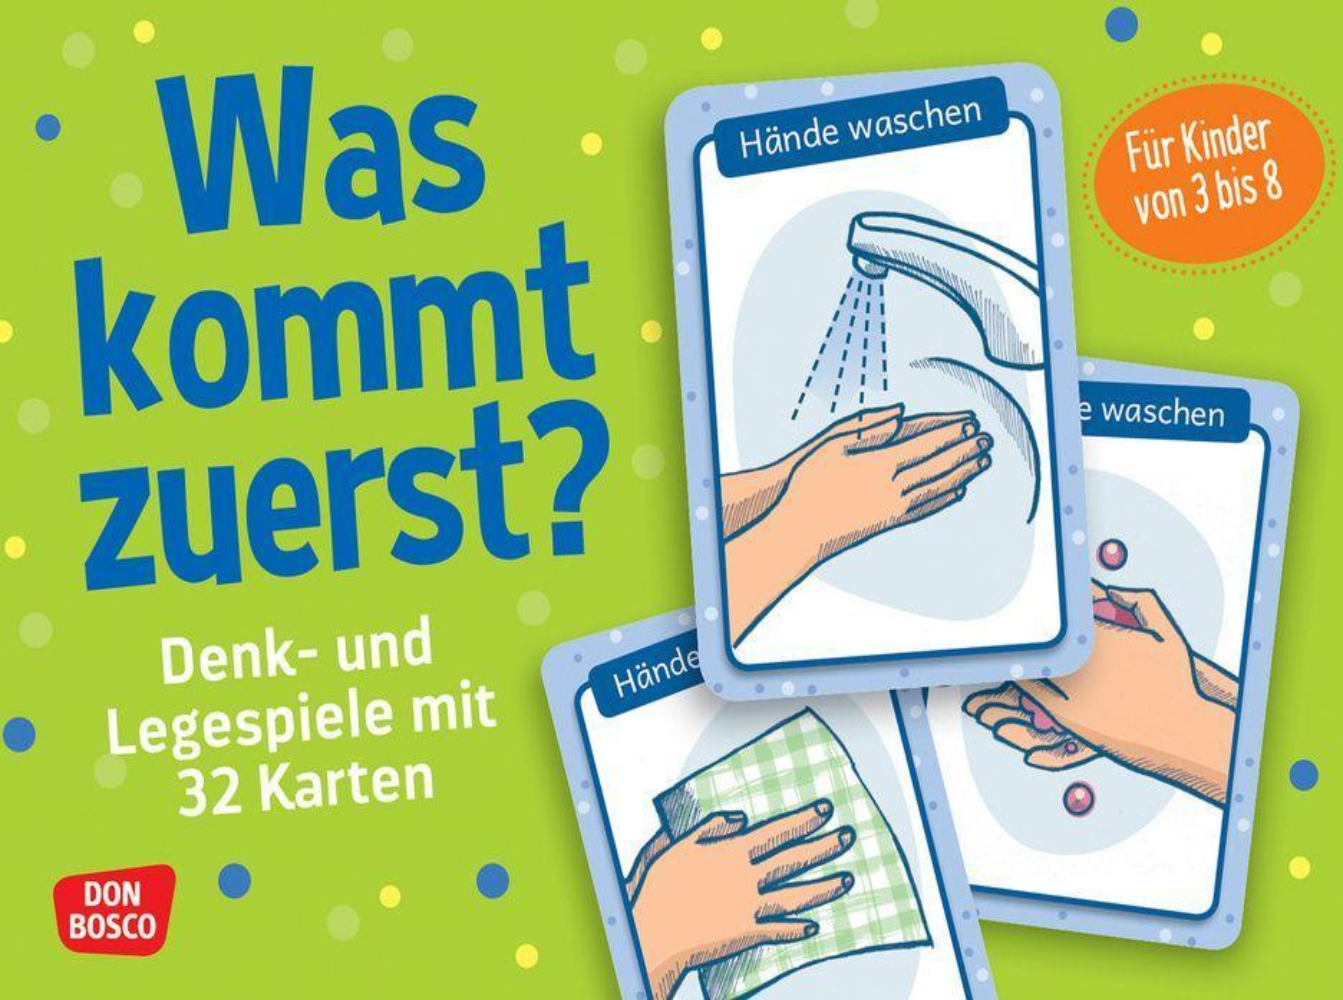 Was kommt zuerst?  Denk- und Legespiele mit 32 Karten für Kinder von 3 bis 8  Jeanette Boetius  Box  Denk- und Legespiele für Kinder  Deutsch  2017